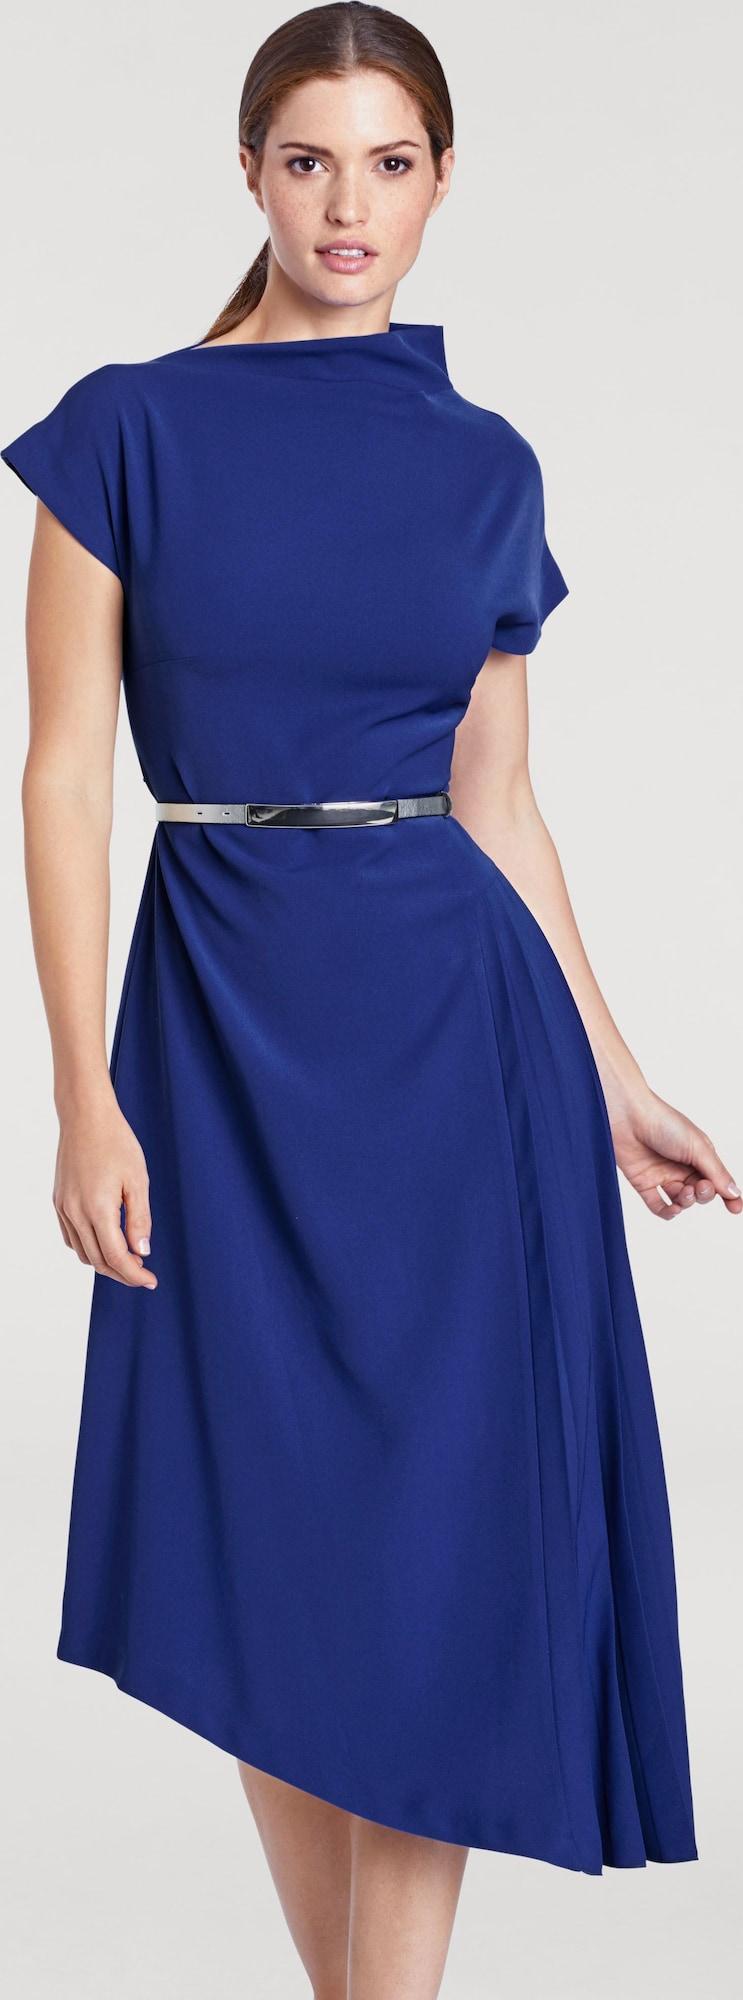 ashley brooke by heine kleid mit bindeg rtel in blau. Black Bedroom Furniture Sets. Home Design Ideas